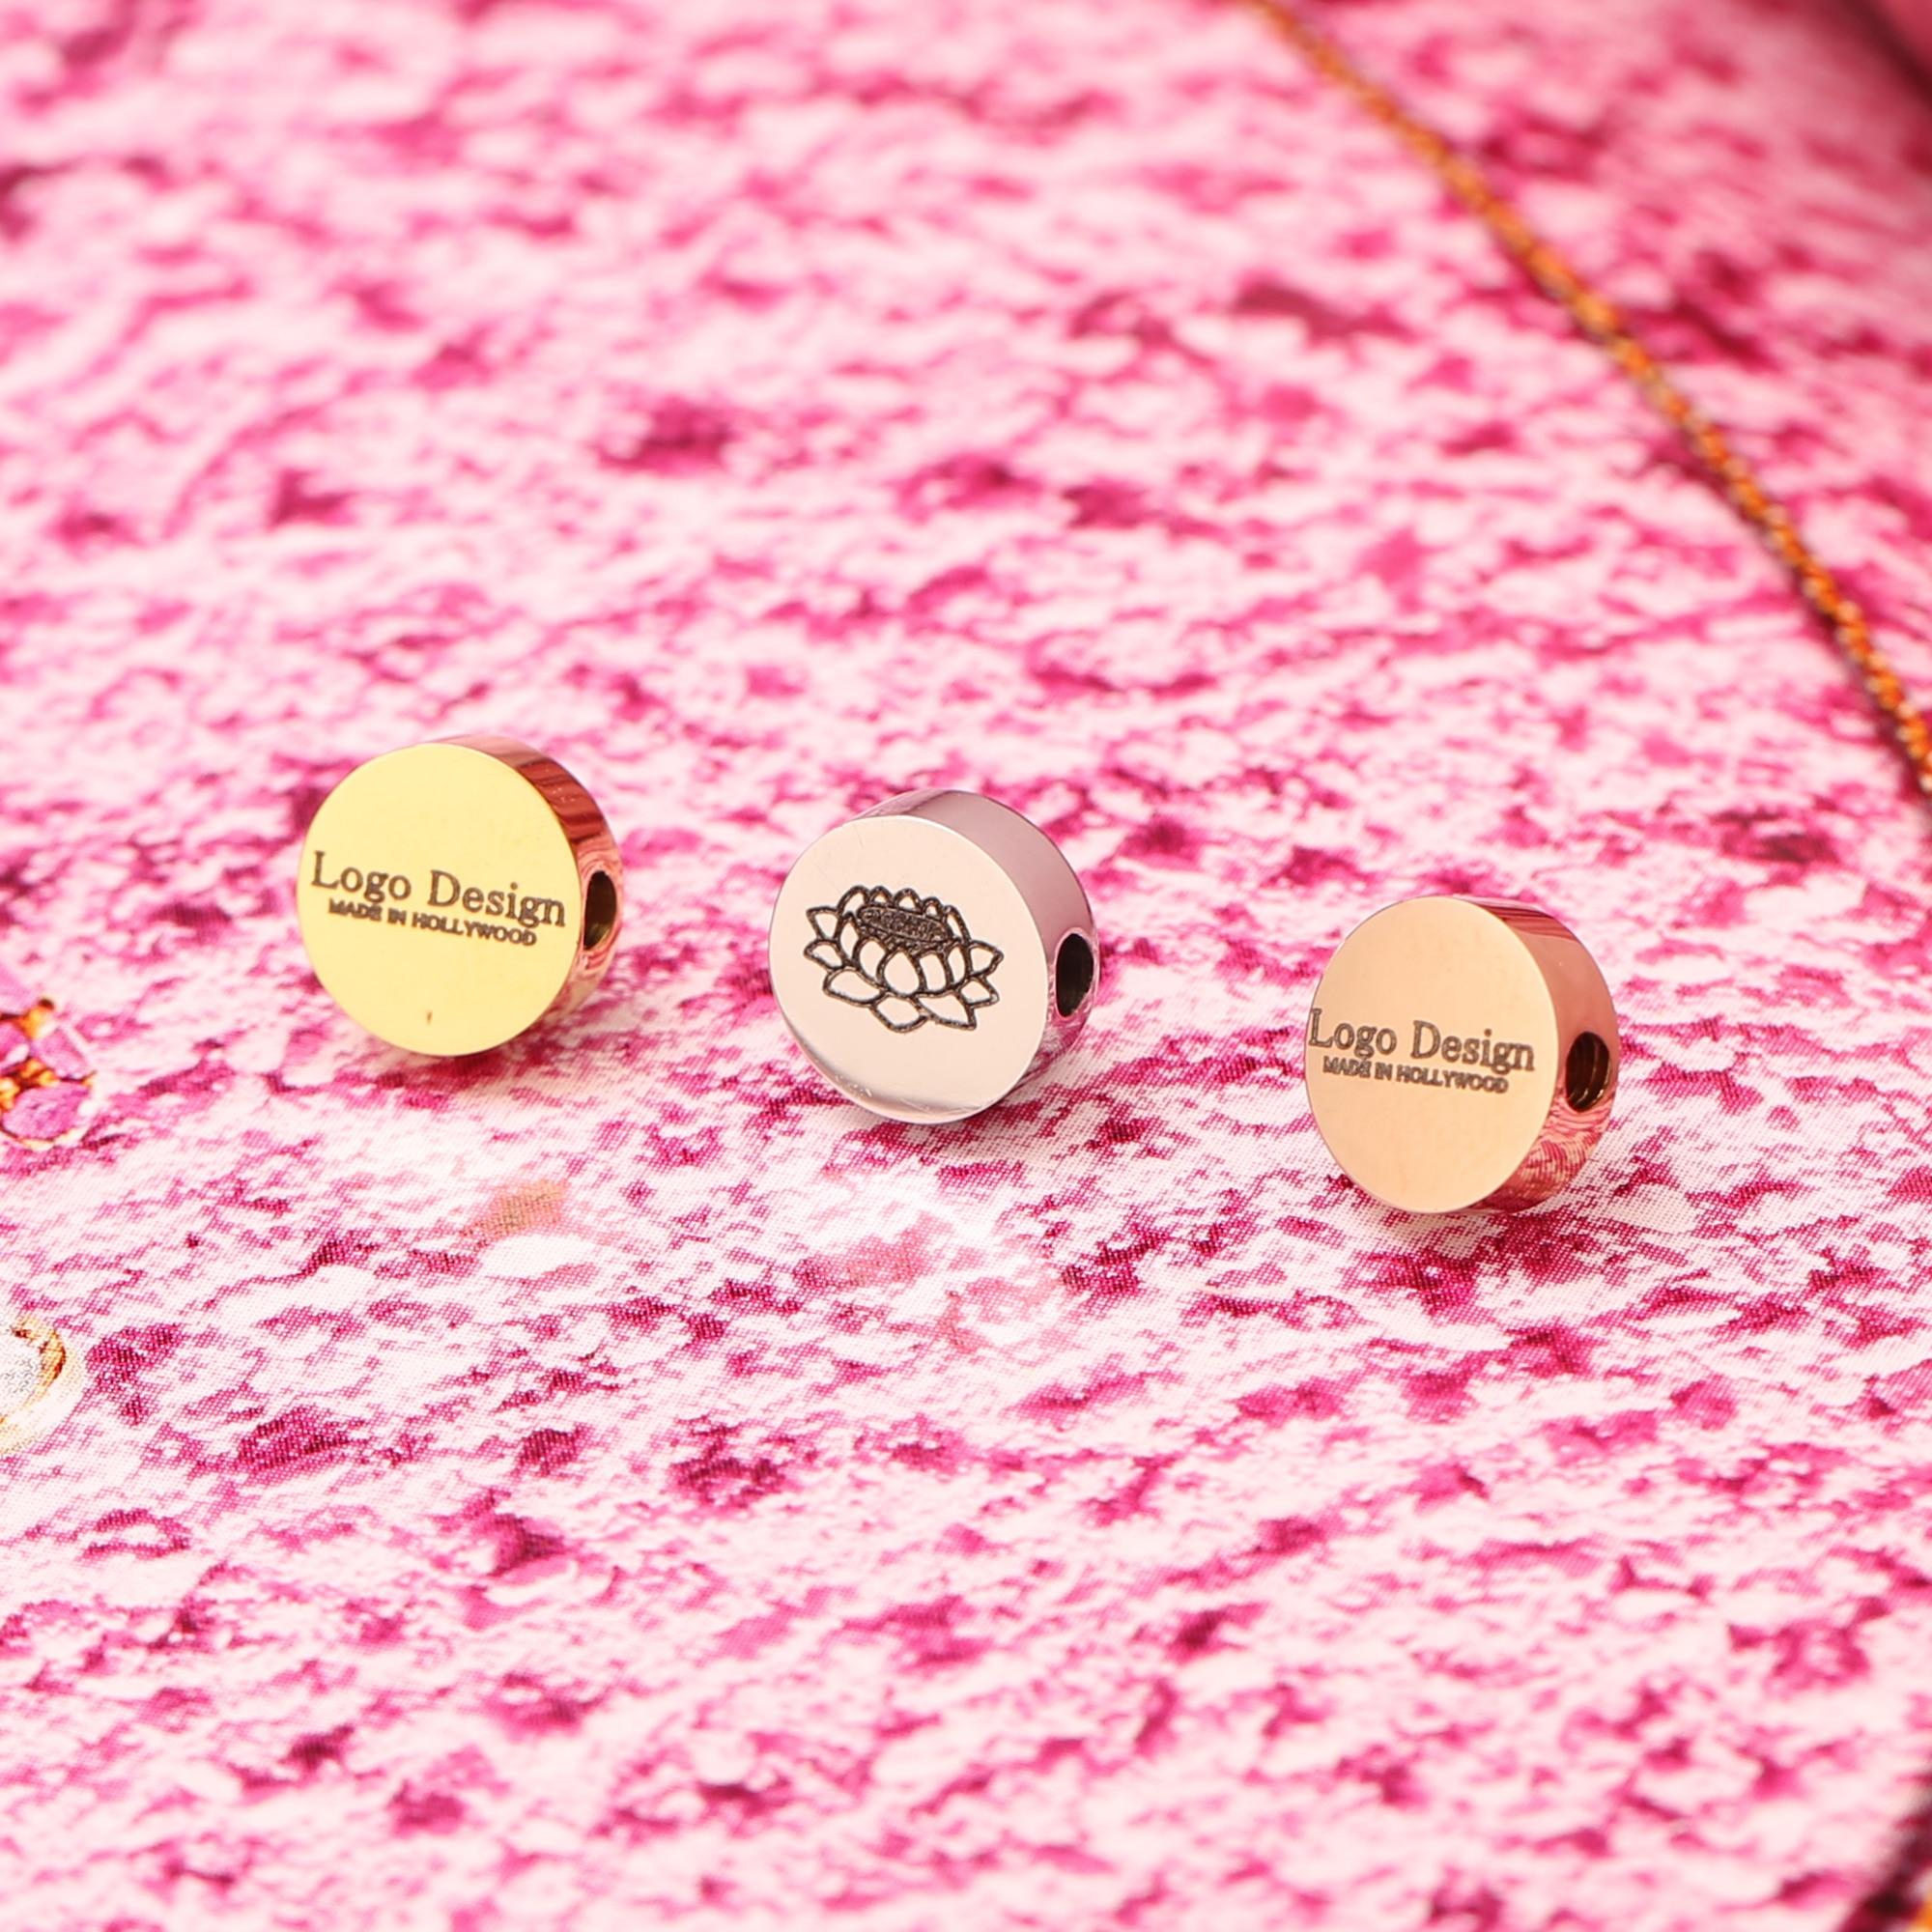 Livraison gratuite 10 pièces 8MM cercle en acier inoxydable gravé Laser Logo perles personnalisées pour la fabrication de bijoux à bricoler soi-même, placage PVD, LG10